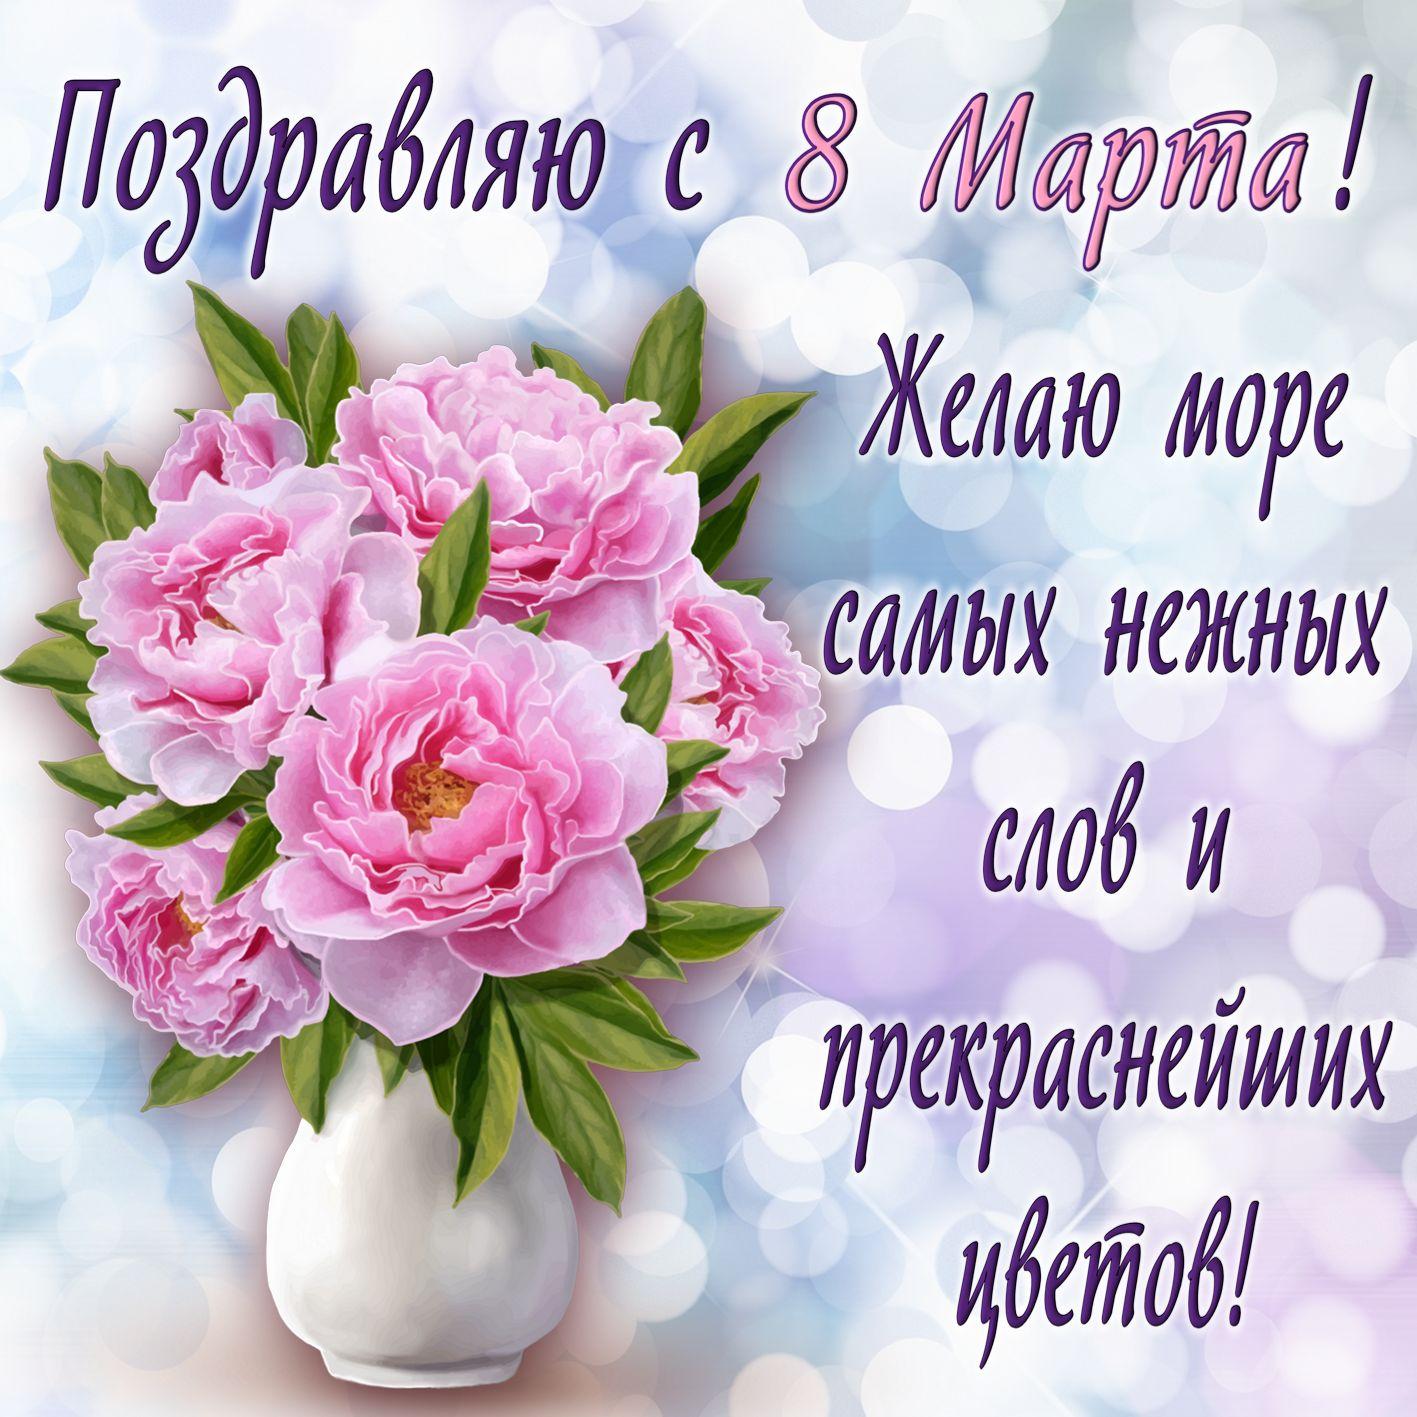 С 8 марта поздравительные открытки цветы, анимационные малышам диабло